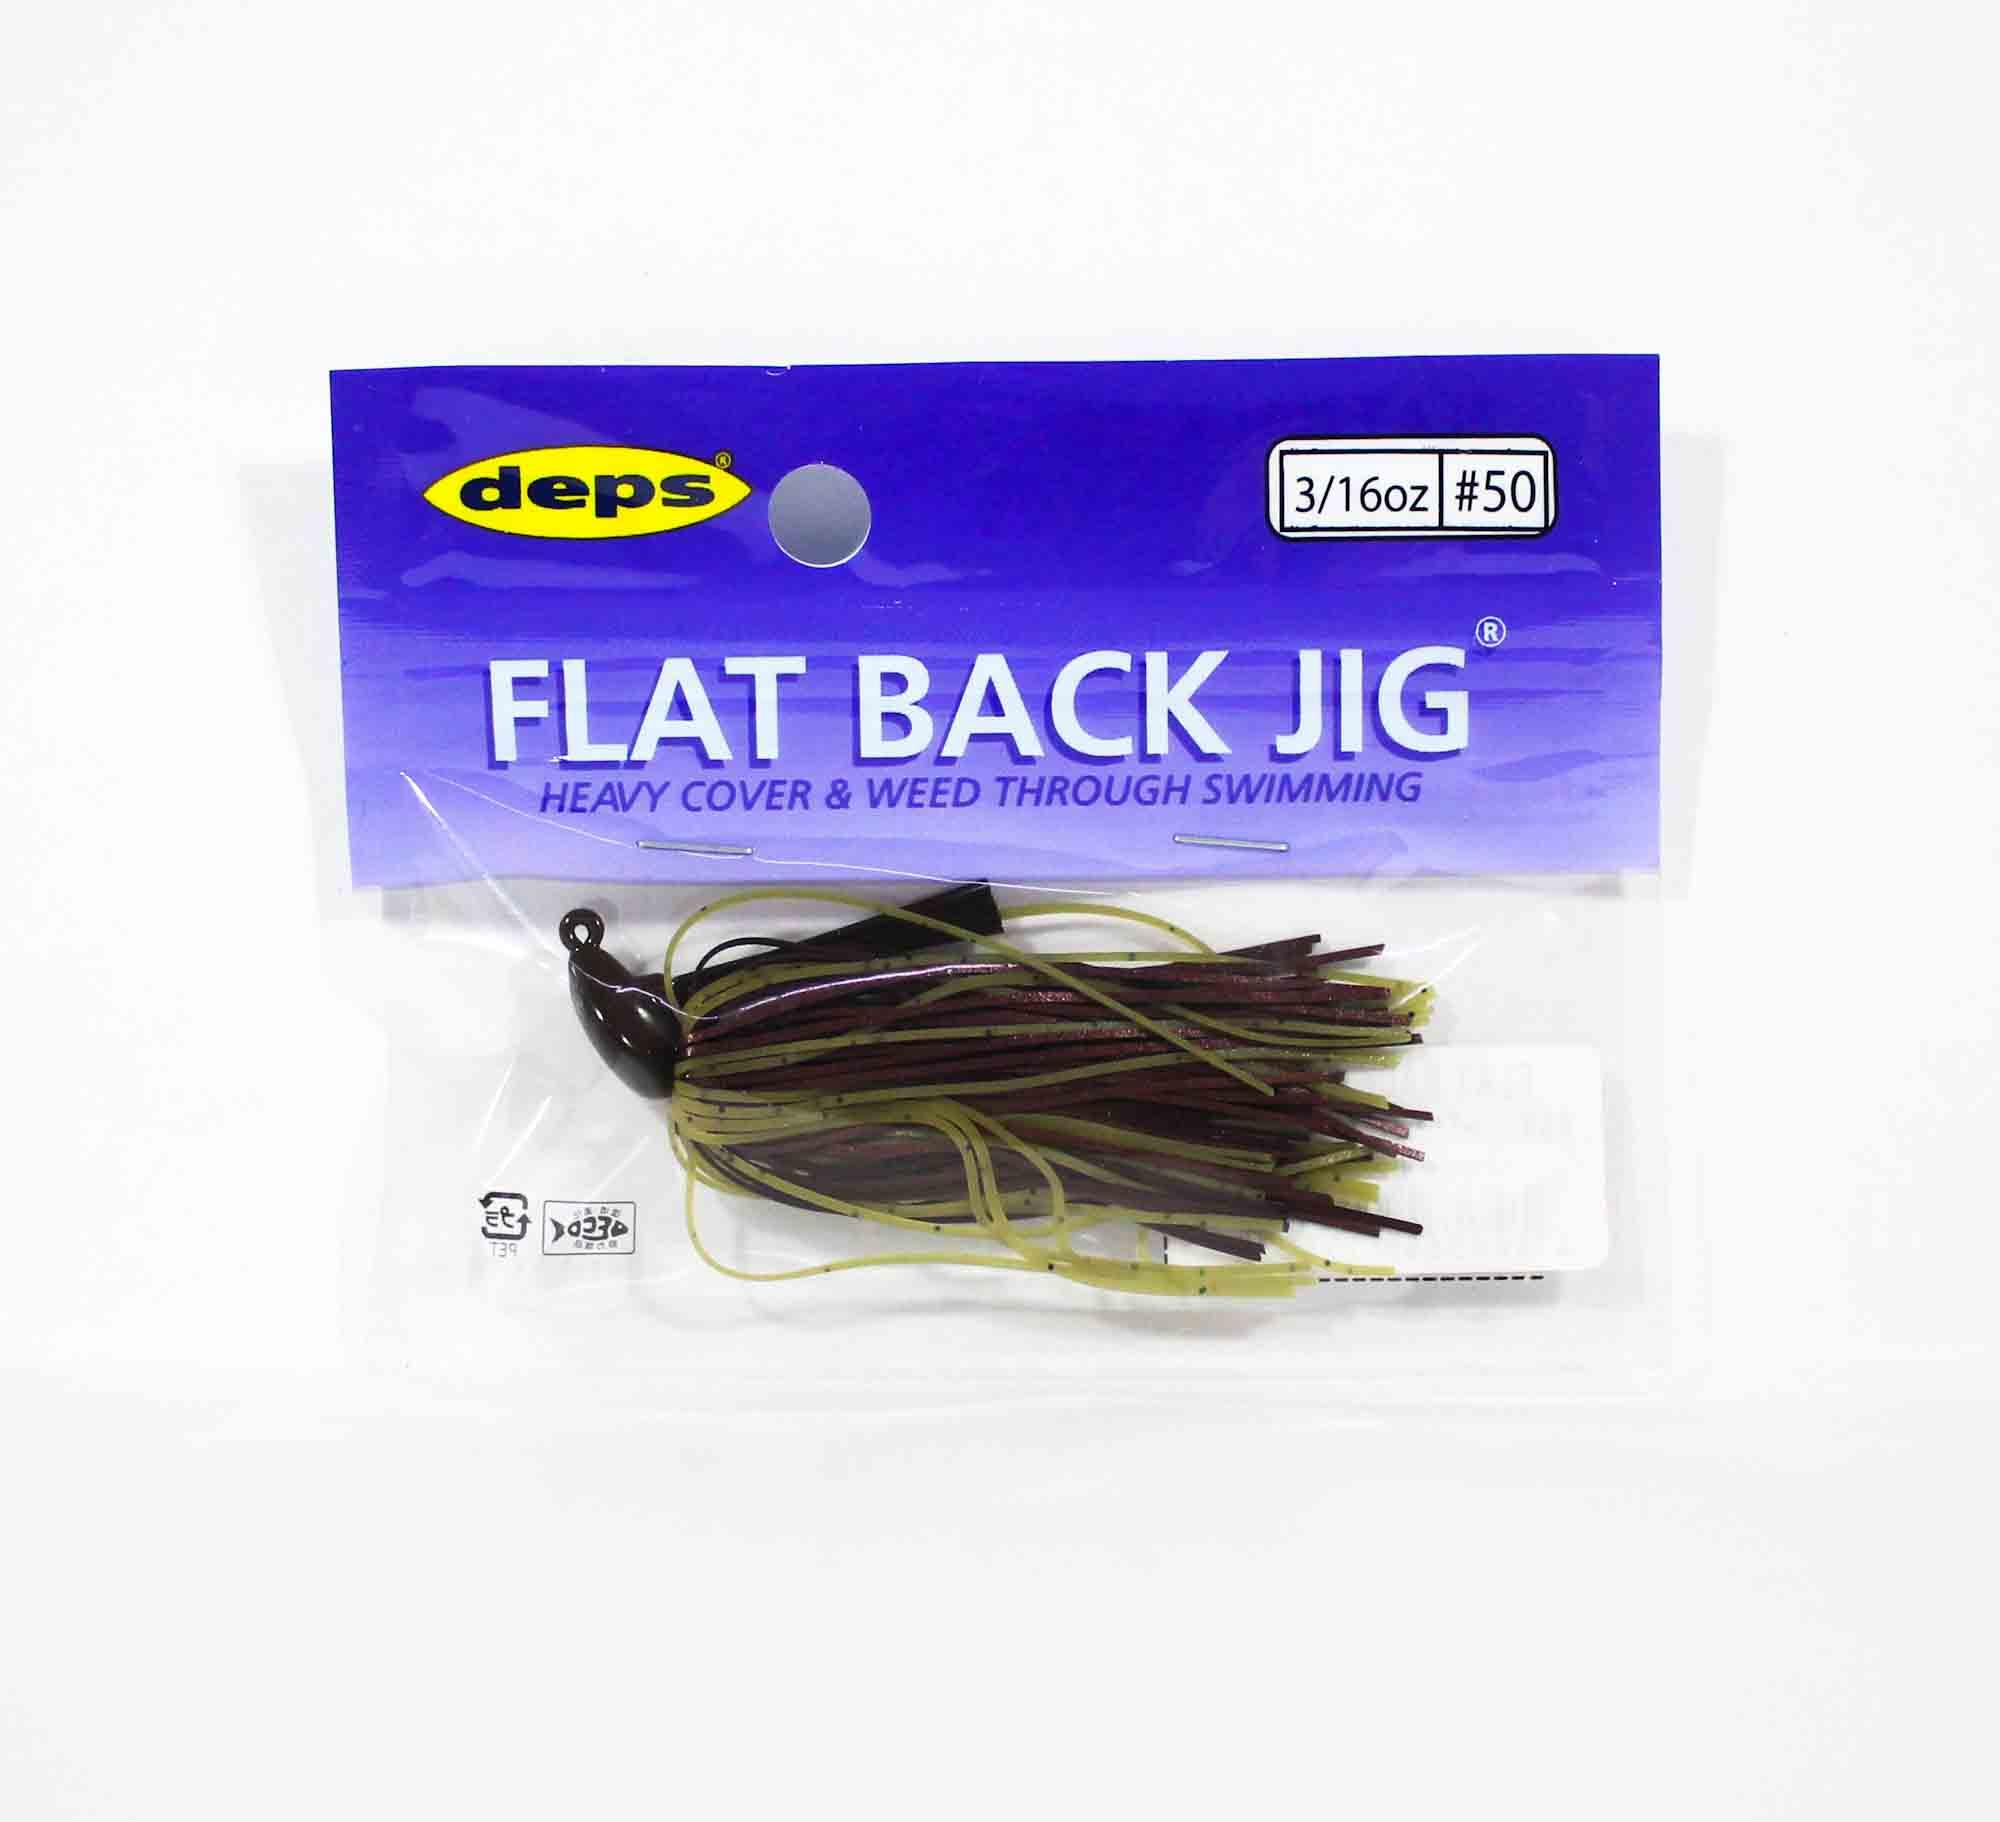 Deps Flat Back Jig Rubber 3/16 oz 50 (5503)